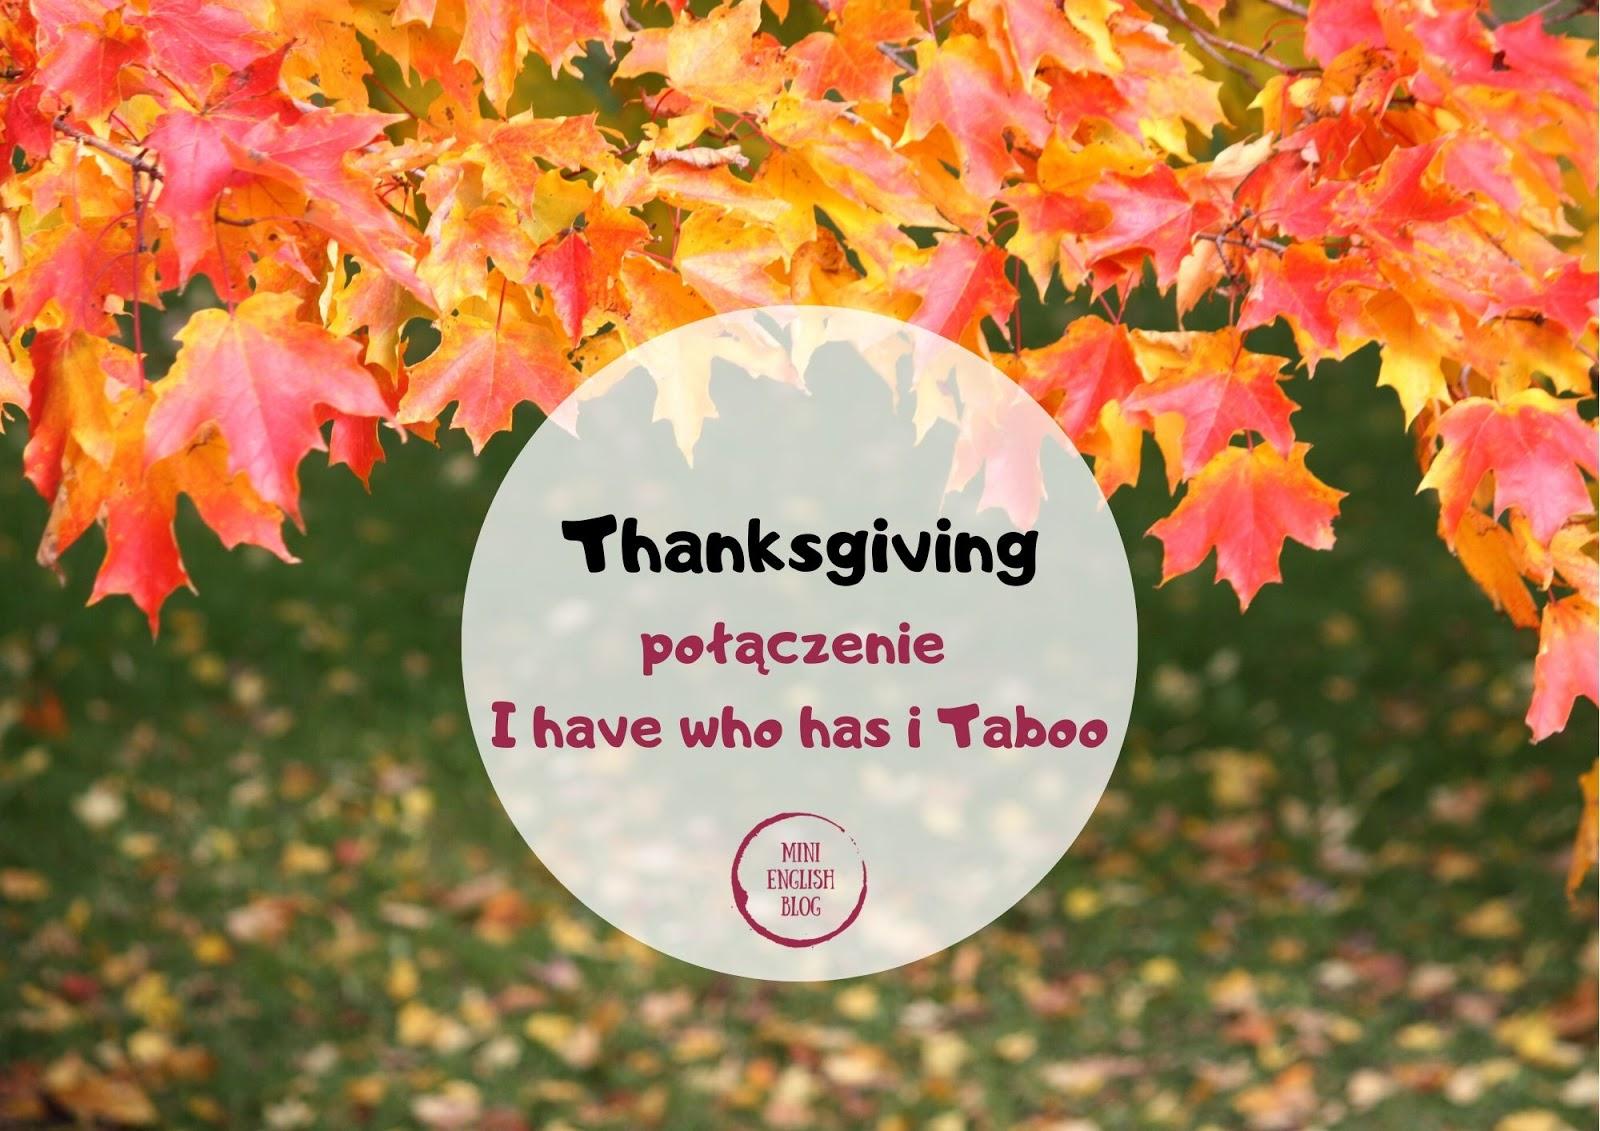 Thanksgiving - połączenie I have who has i Taboo